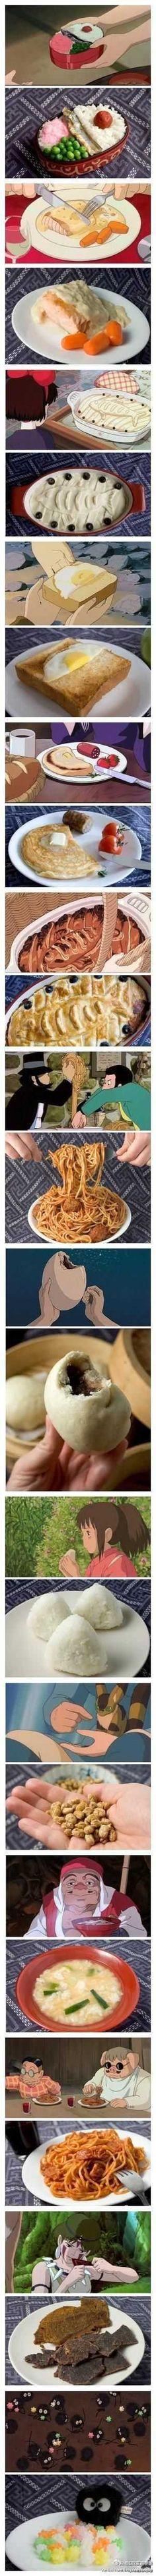 Studio Ghibli Food - Imgur